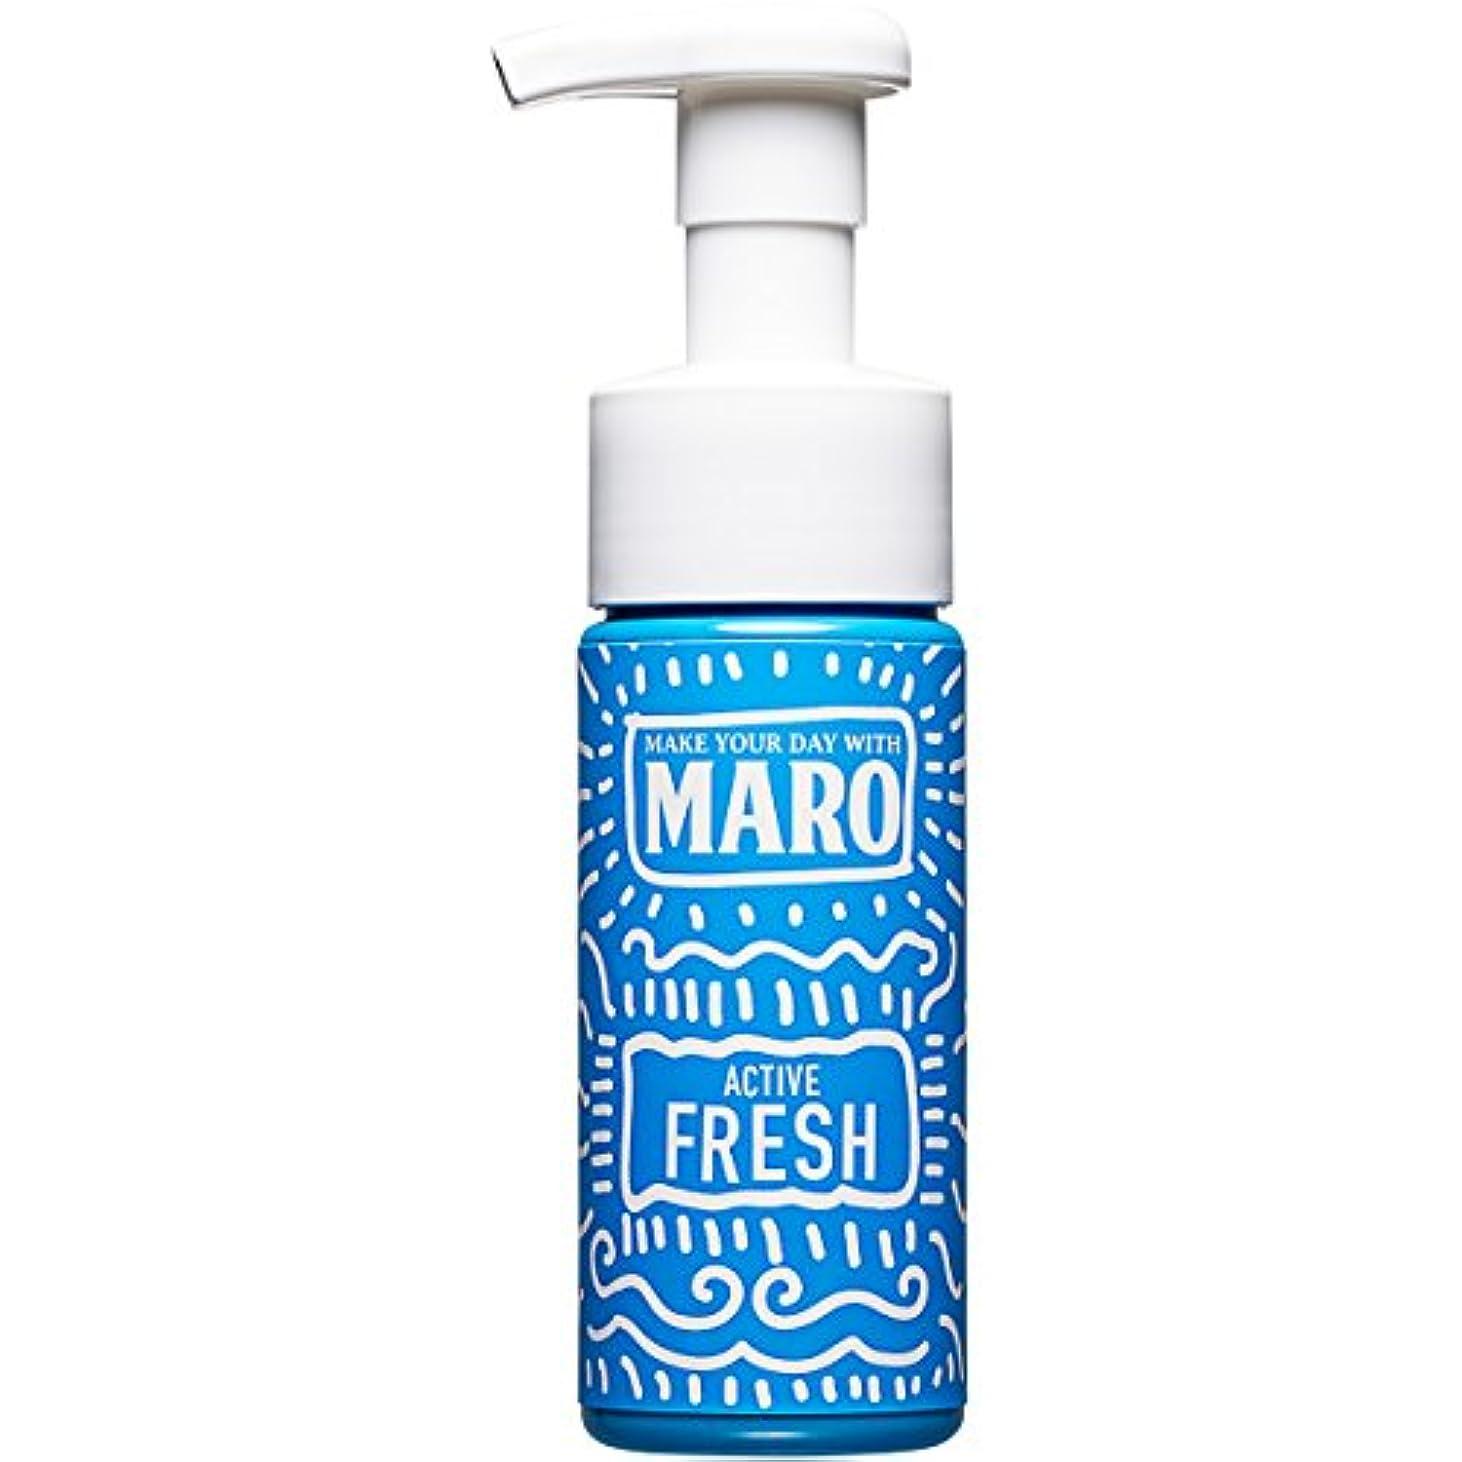 あたたかいニコチン余剰MARO グルーヴィー 泡洗顔 アクティブフレッシュ 150ml